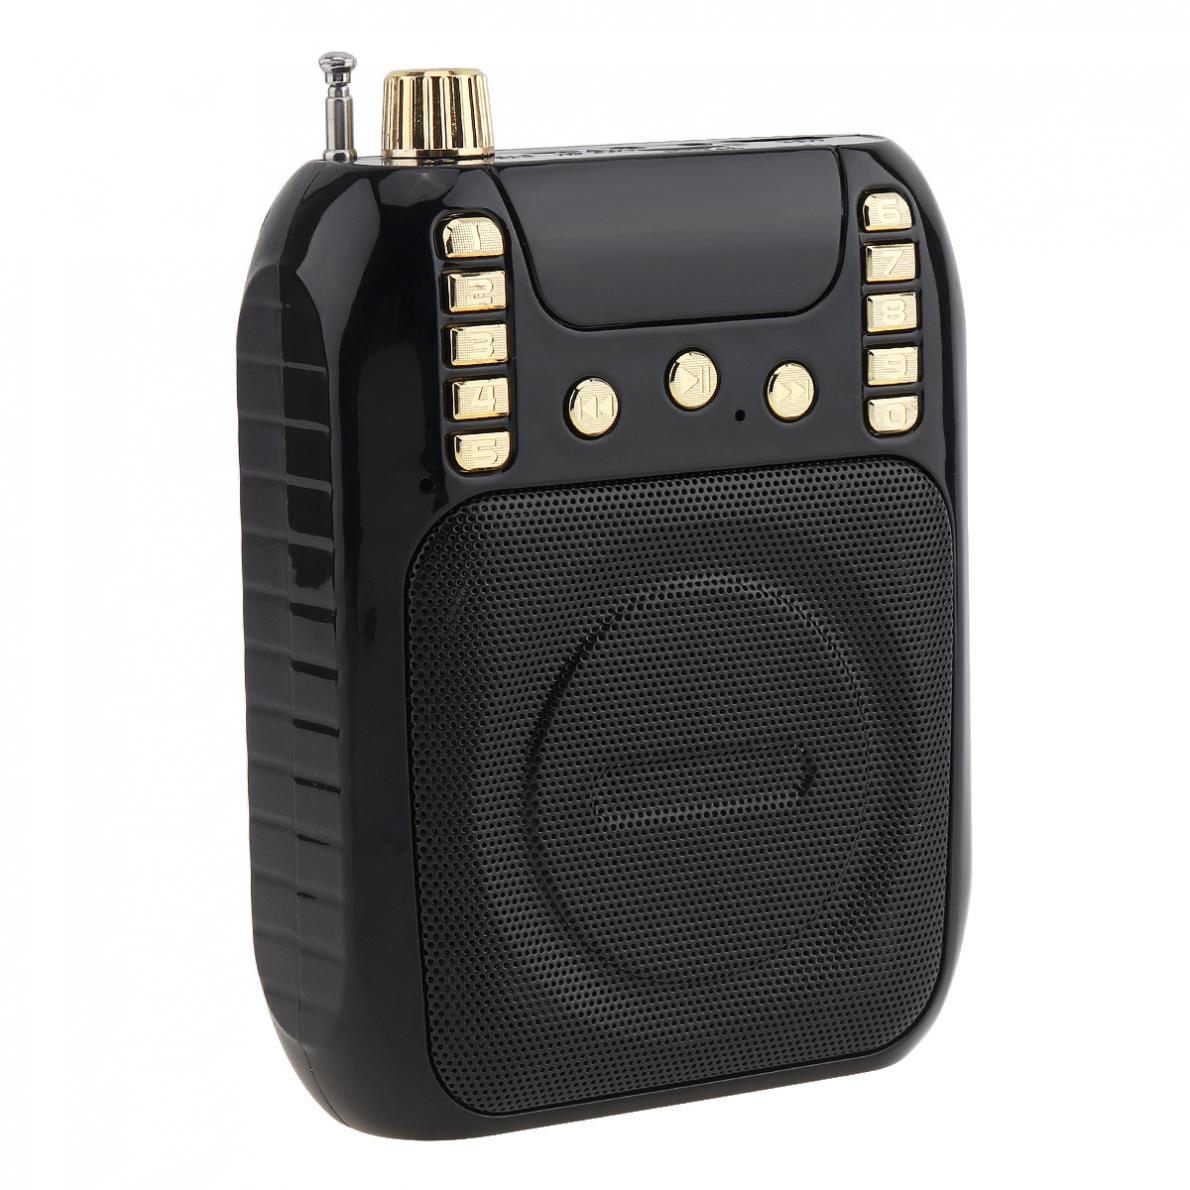 T506 портативное радио мини аудио карта динамик fm с усилением для инструктора 26939-description-5-l2.jpg